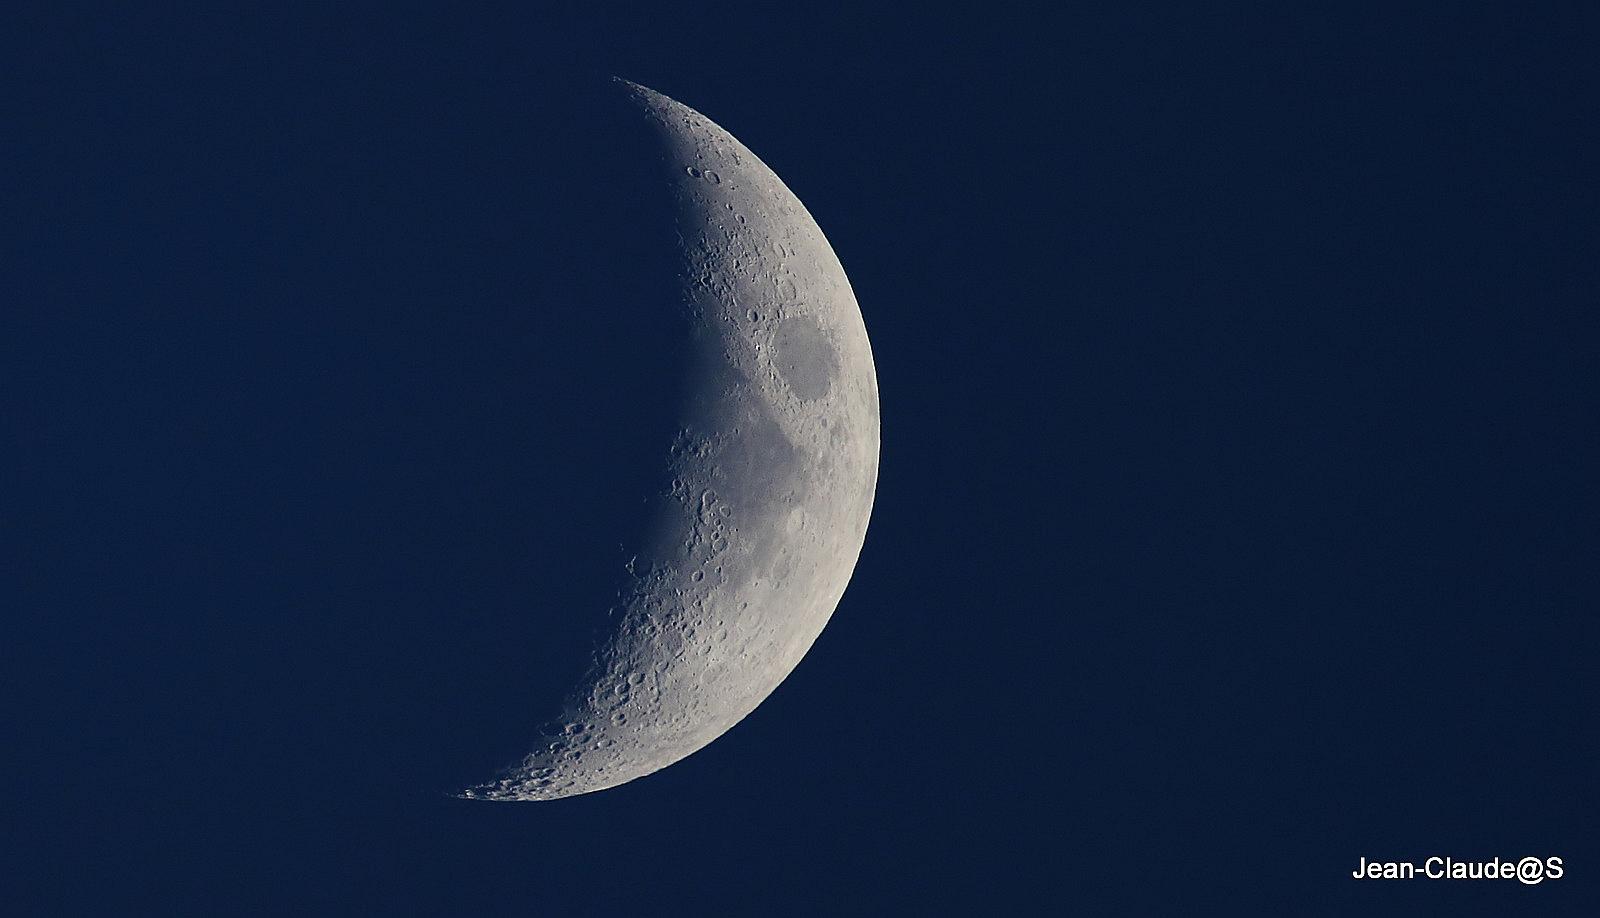 Couchers/levés du soleil et de la lune - Page 26 Img_1203_filtered-54cf833